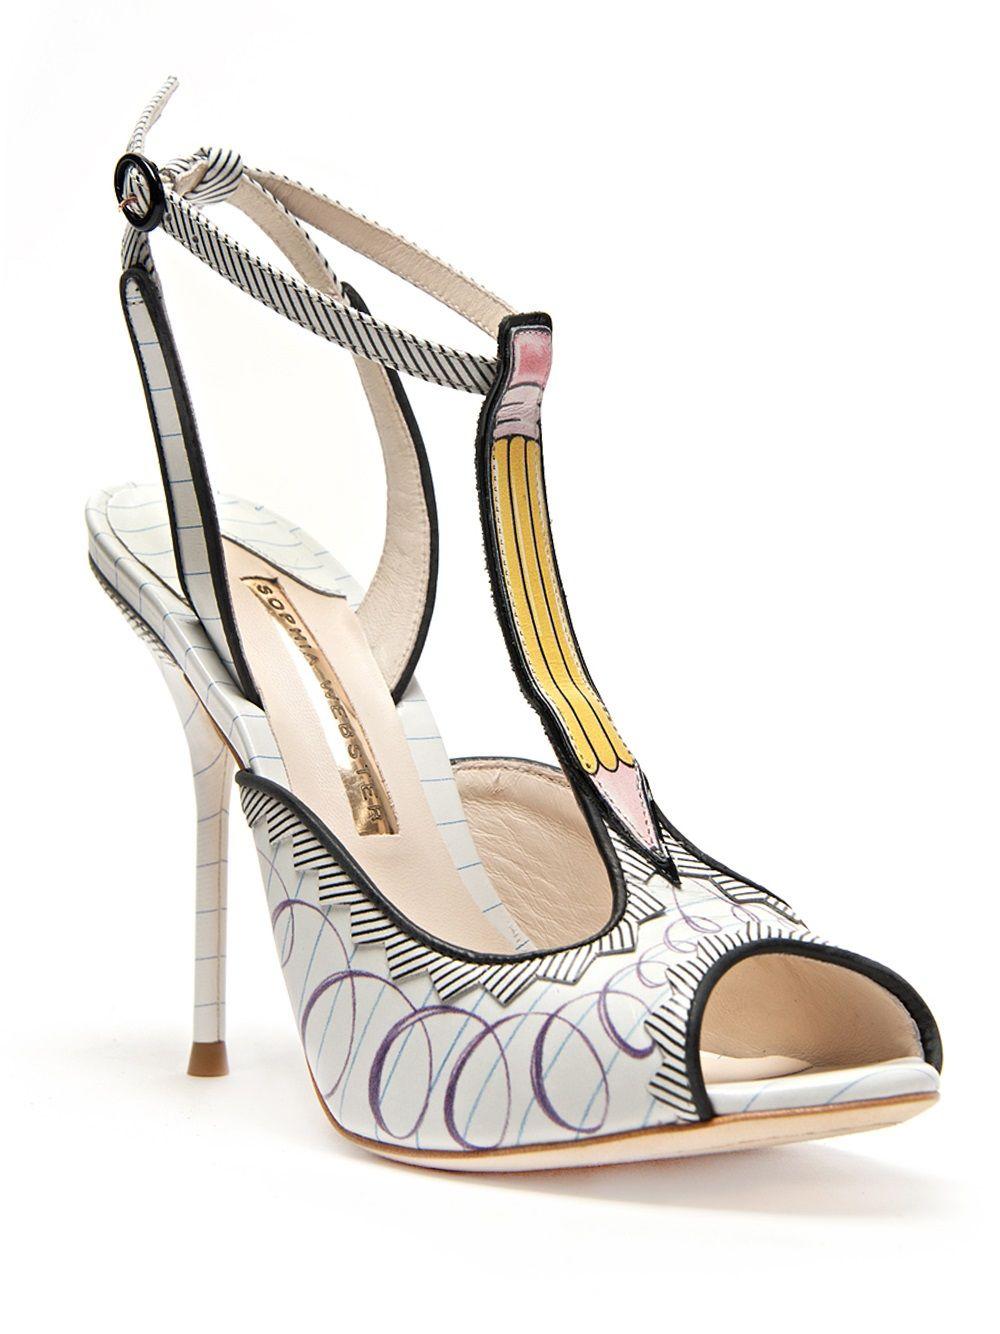 Image result for sophia webster pencil detail sandals